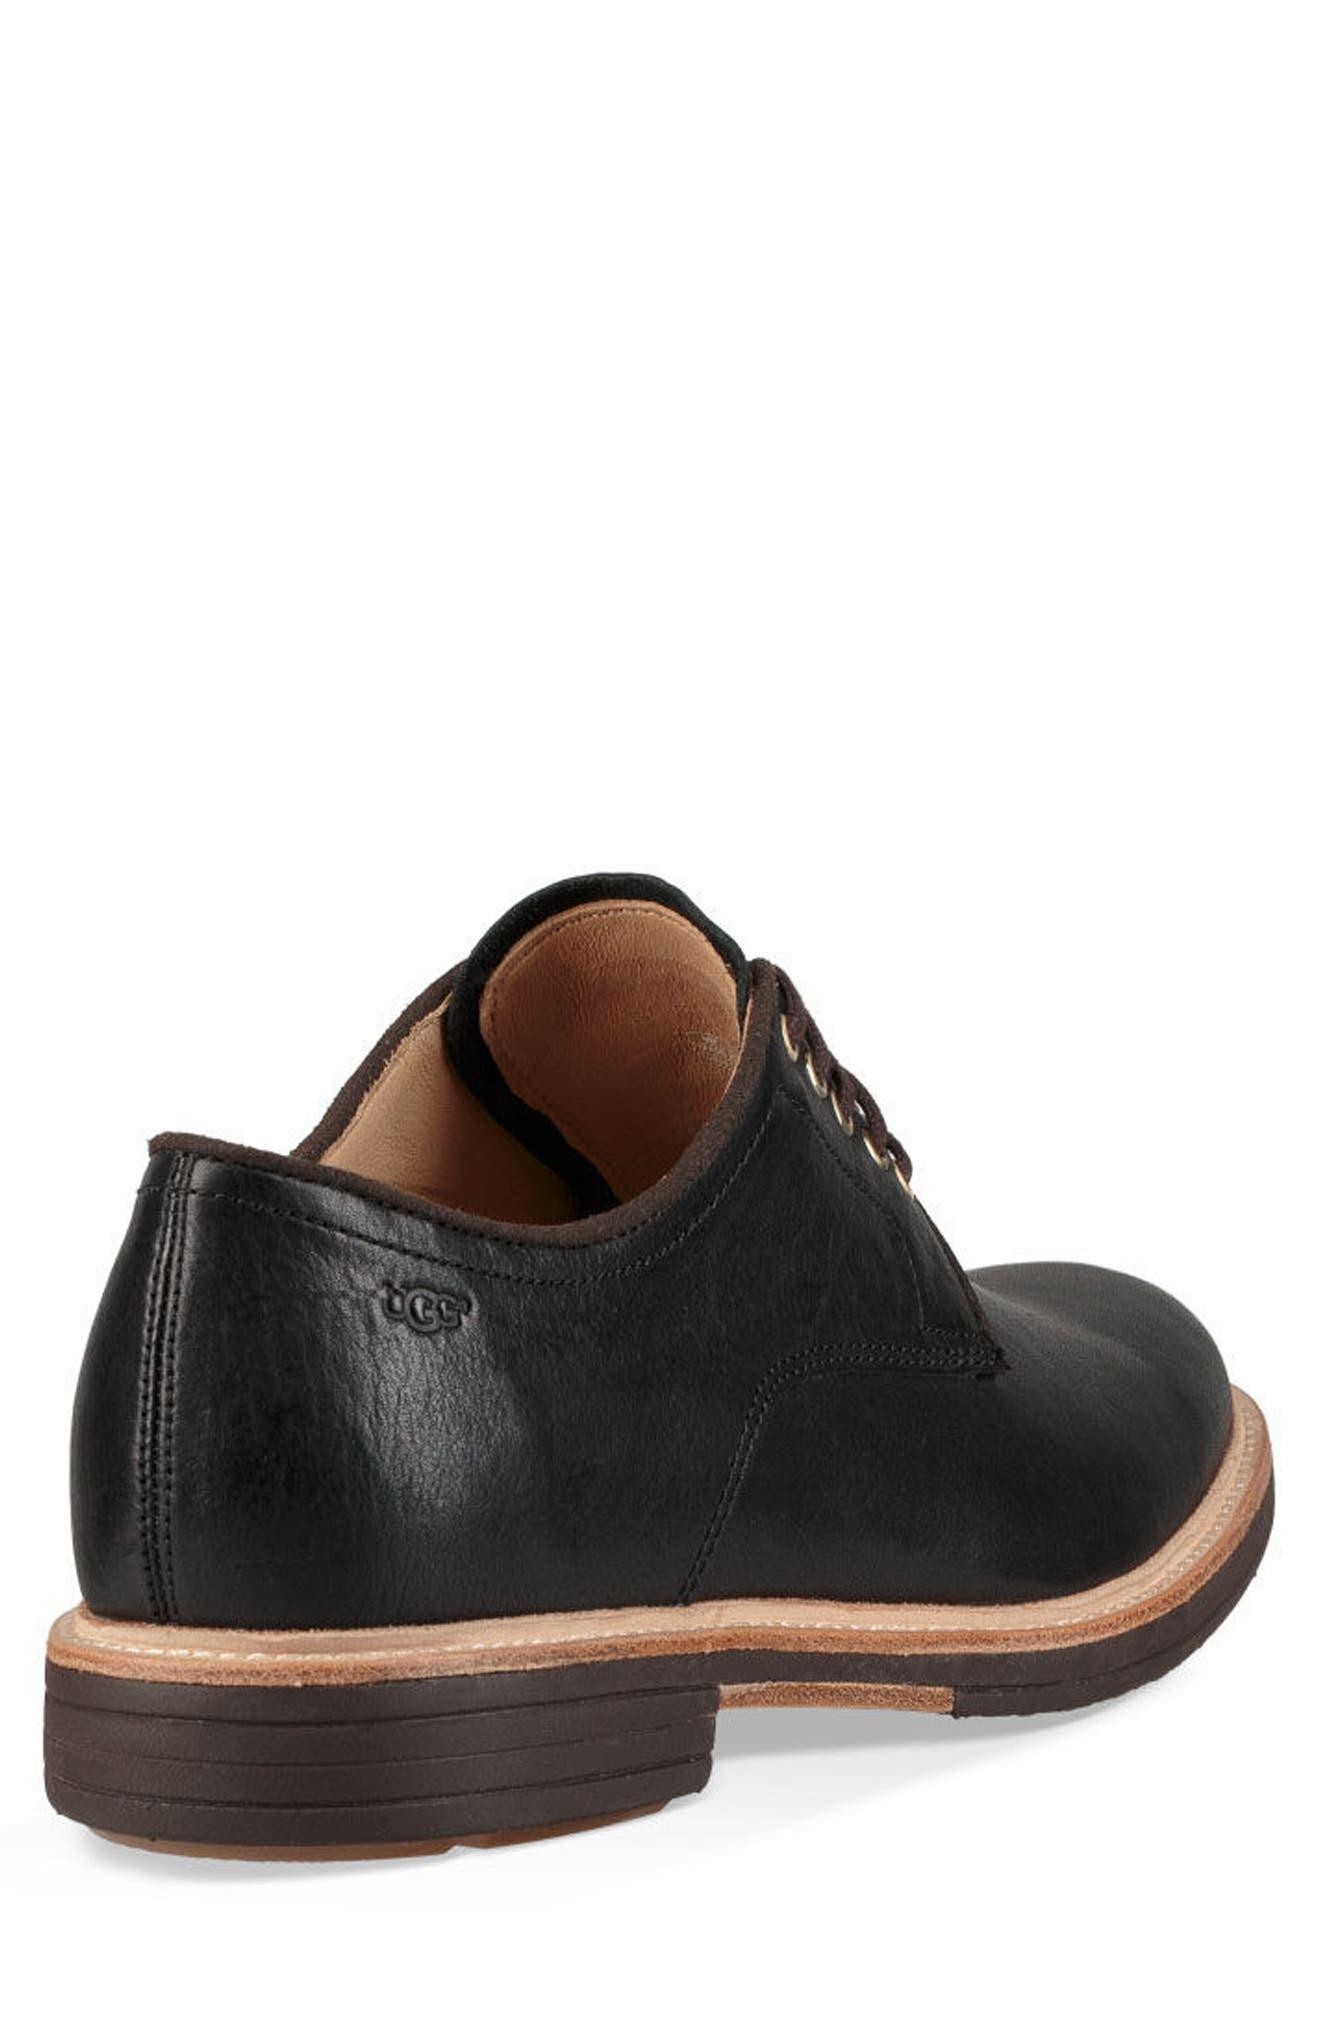 Jovin Buck Shoe,                             Alternate thumbnail 2, color,                             002